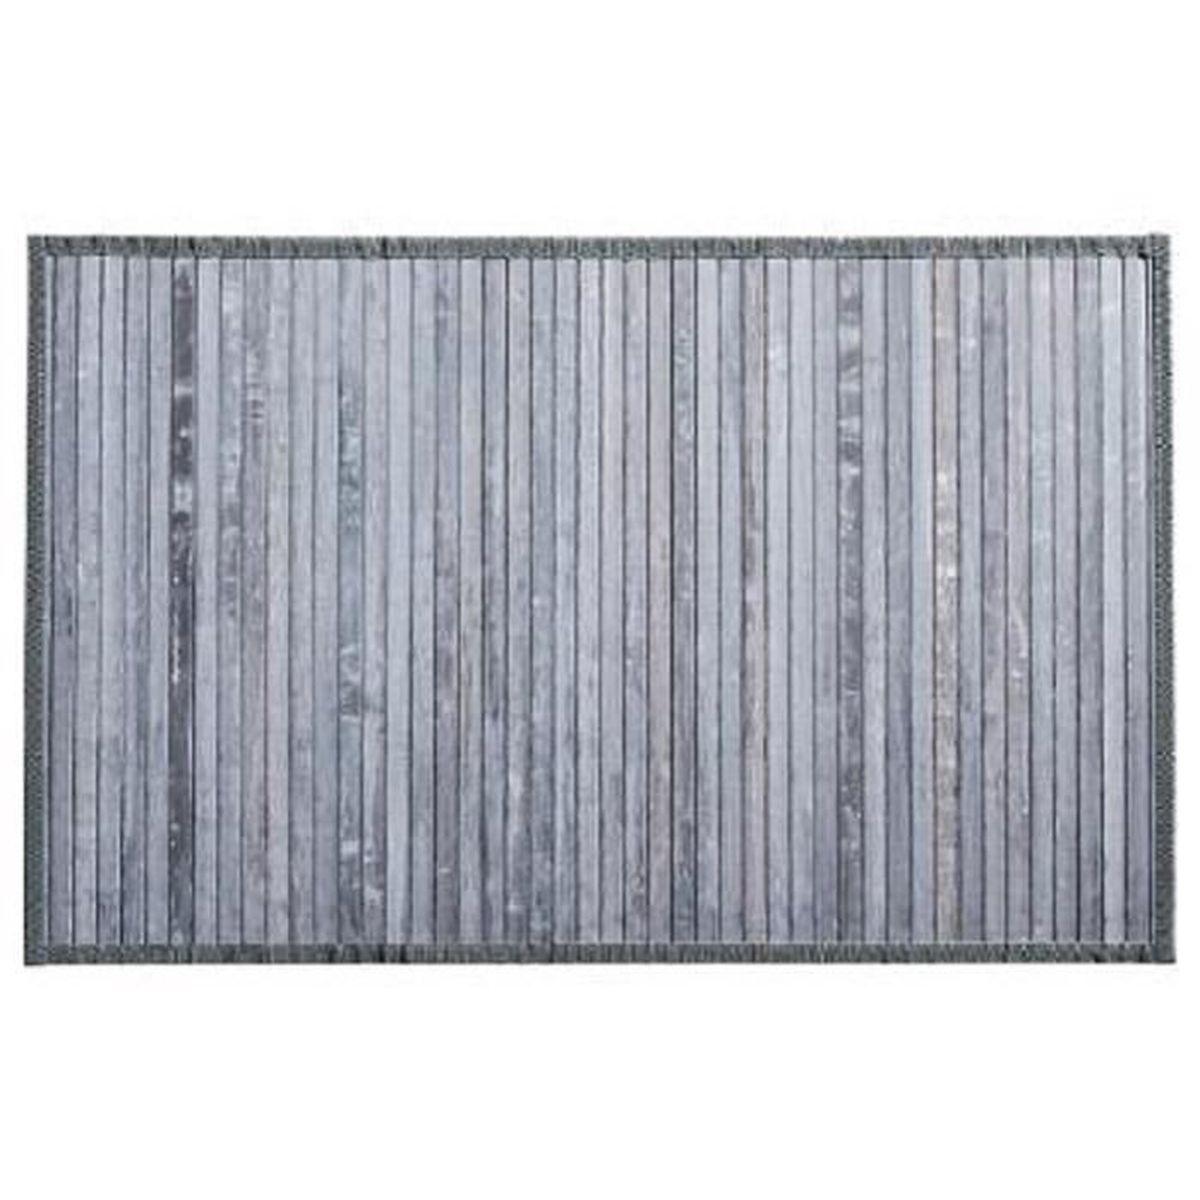 tapis latte bambou achat vente tapis latte bambou pas cher les soldes sur cdiscount. Black Bedroom Furniture Sets. Home Design Ideas